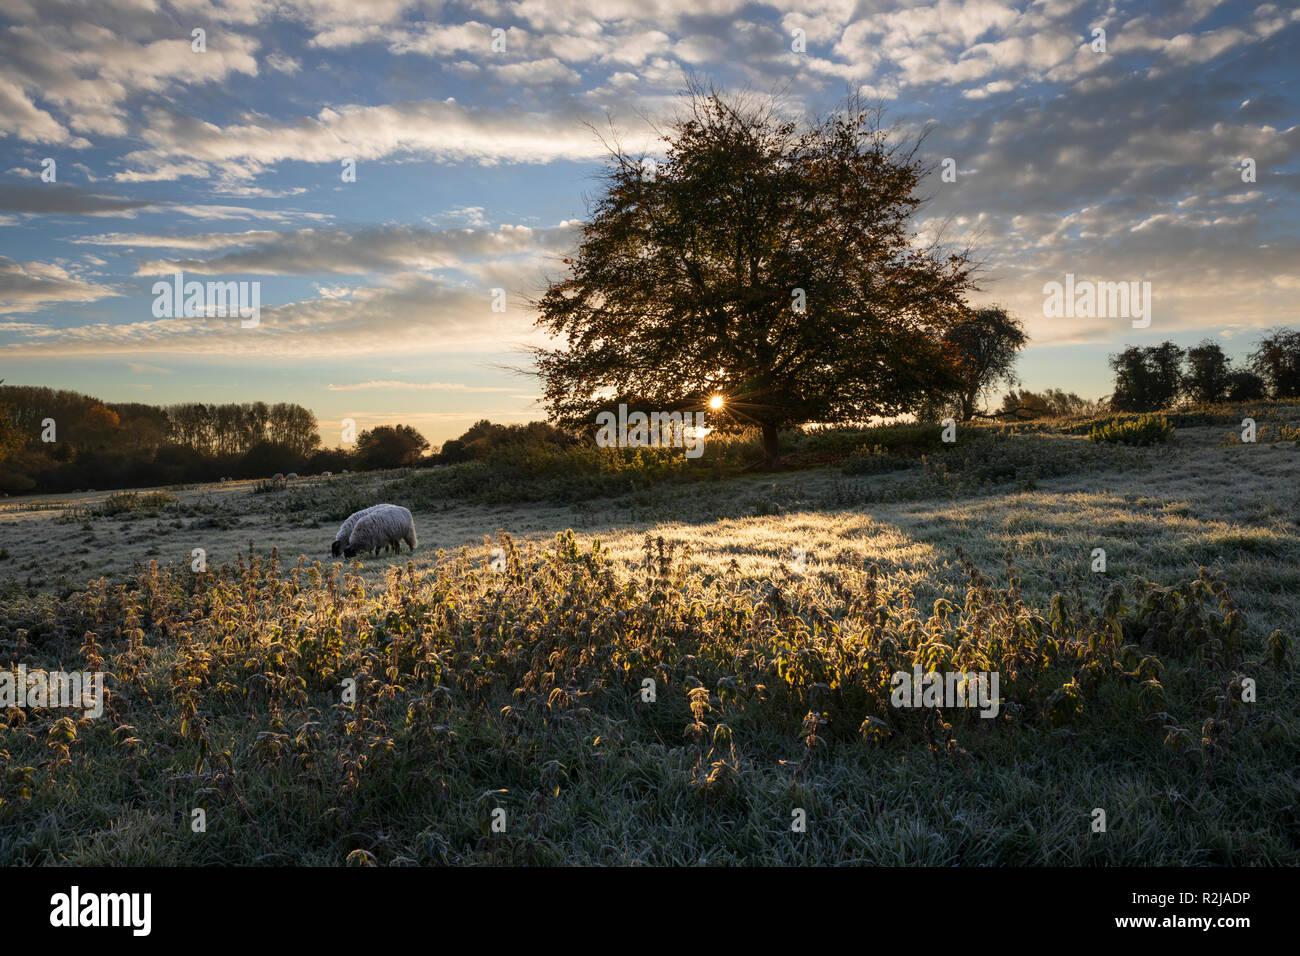 Schafe im frostigen Bereich bei Sonnenaufgang mit beleuchteten Baum und Nesseln, Chipping Campden, Cotswolds, Gloucestershire, England, Vereinigtes Königreich, Europa Stockbild